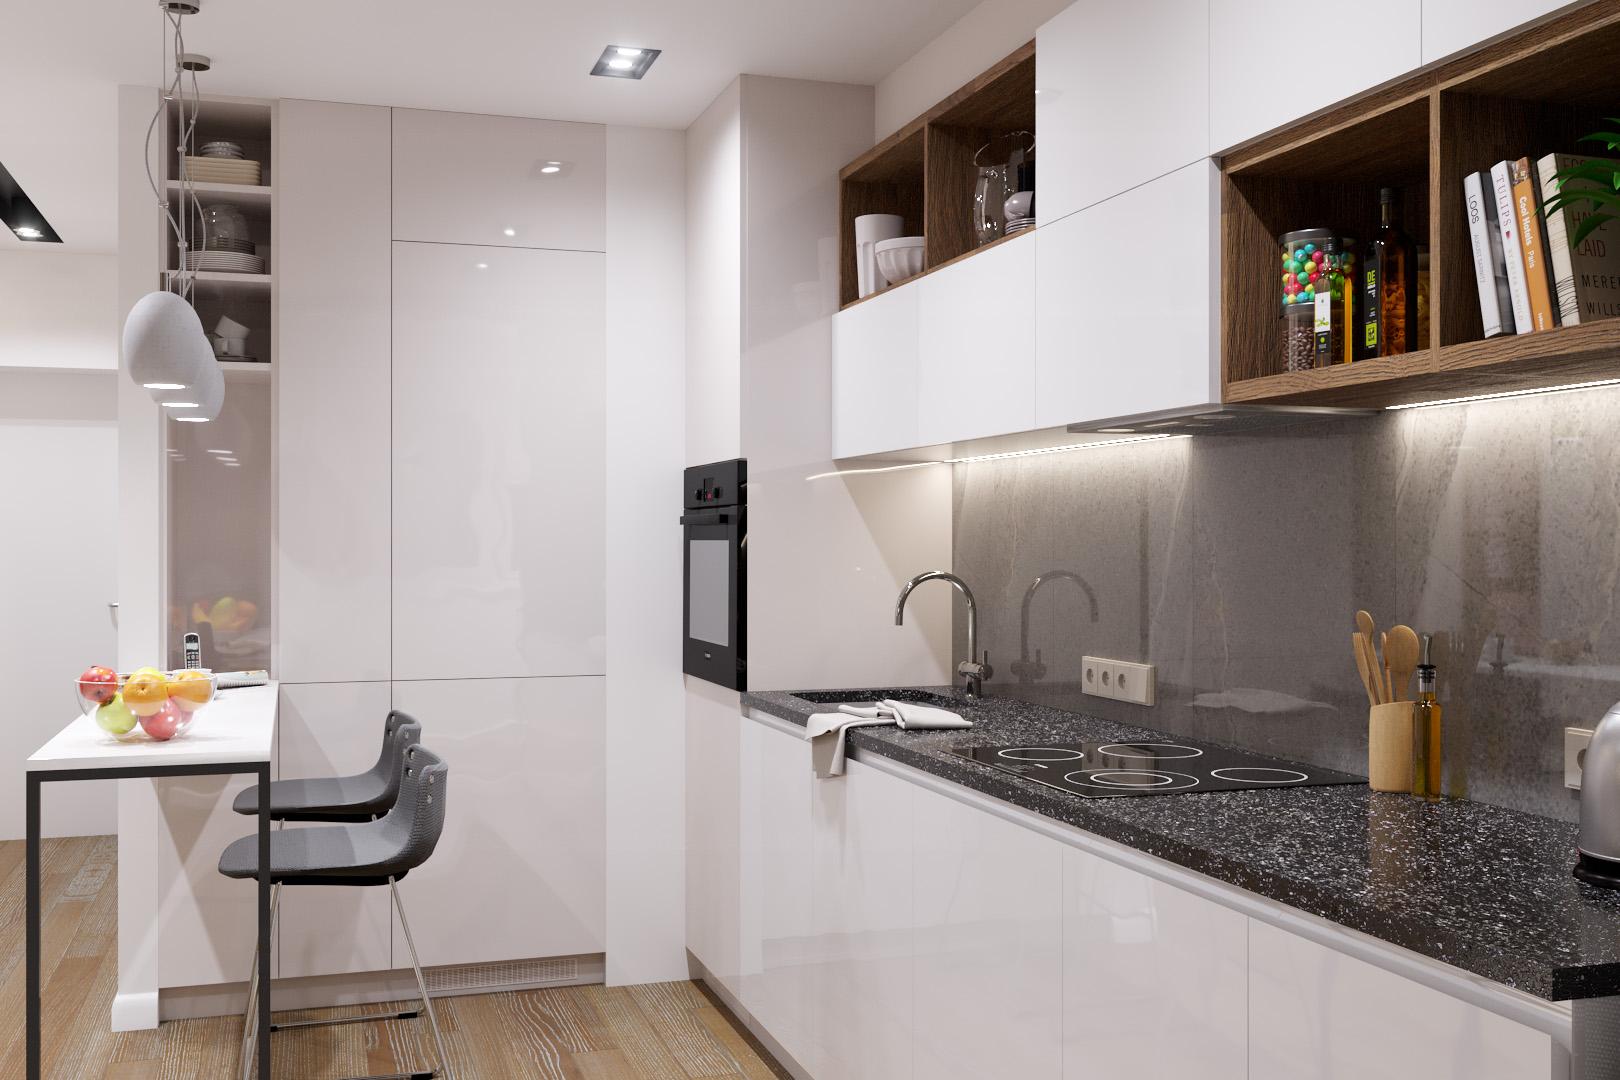 Рабочая поверхность кухни, вечерний свет